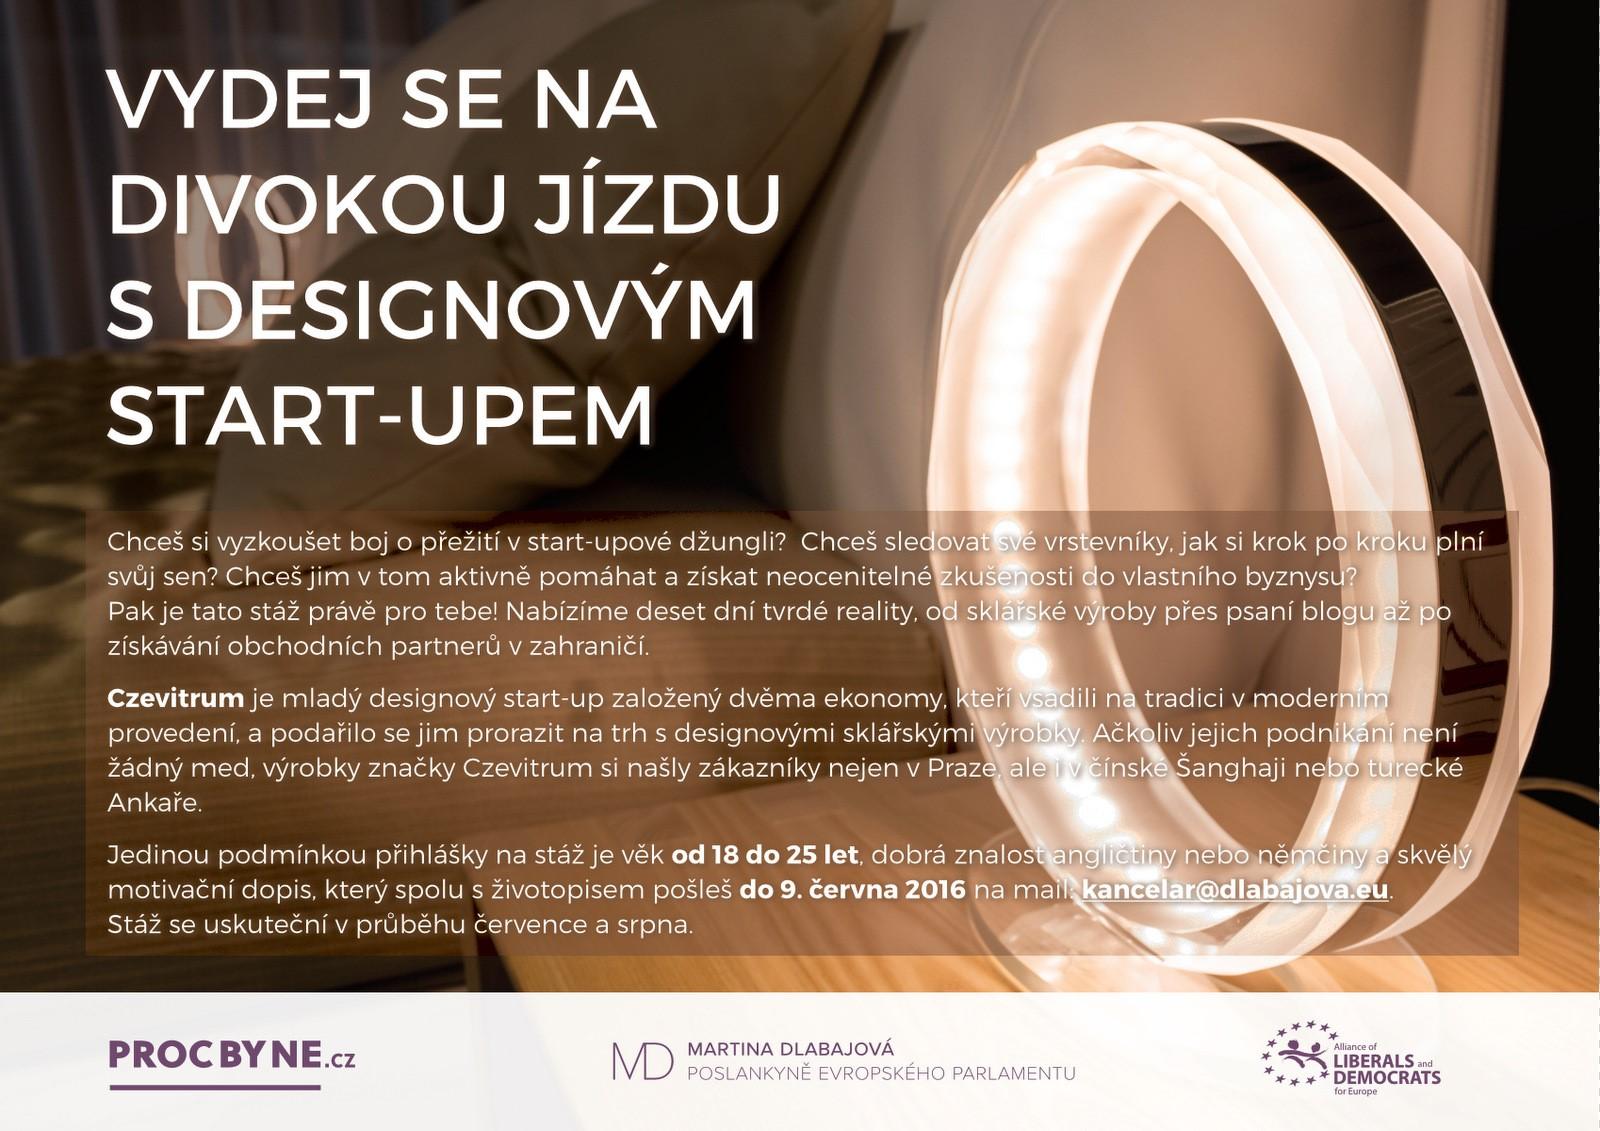 Desetidenní stáž u Czevitrum, vítěze Nastartujte se 2016, v rámci projektu PročByNe?